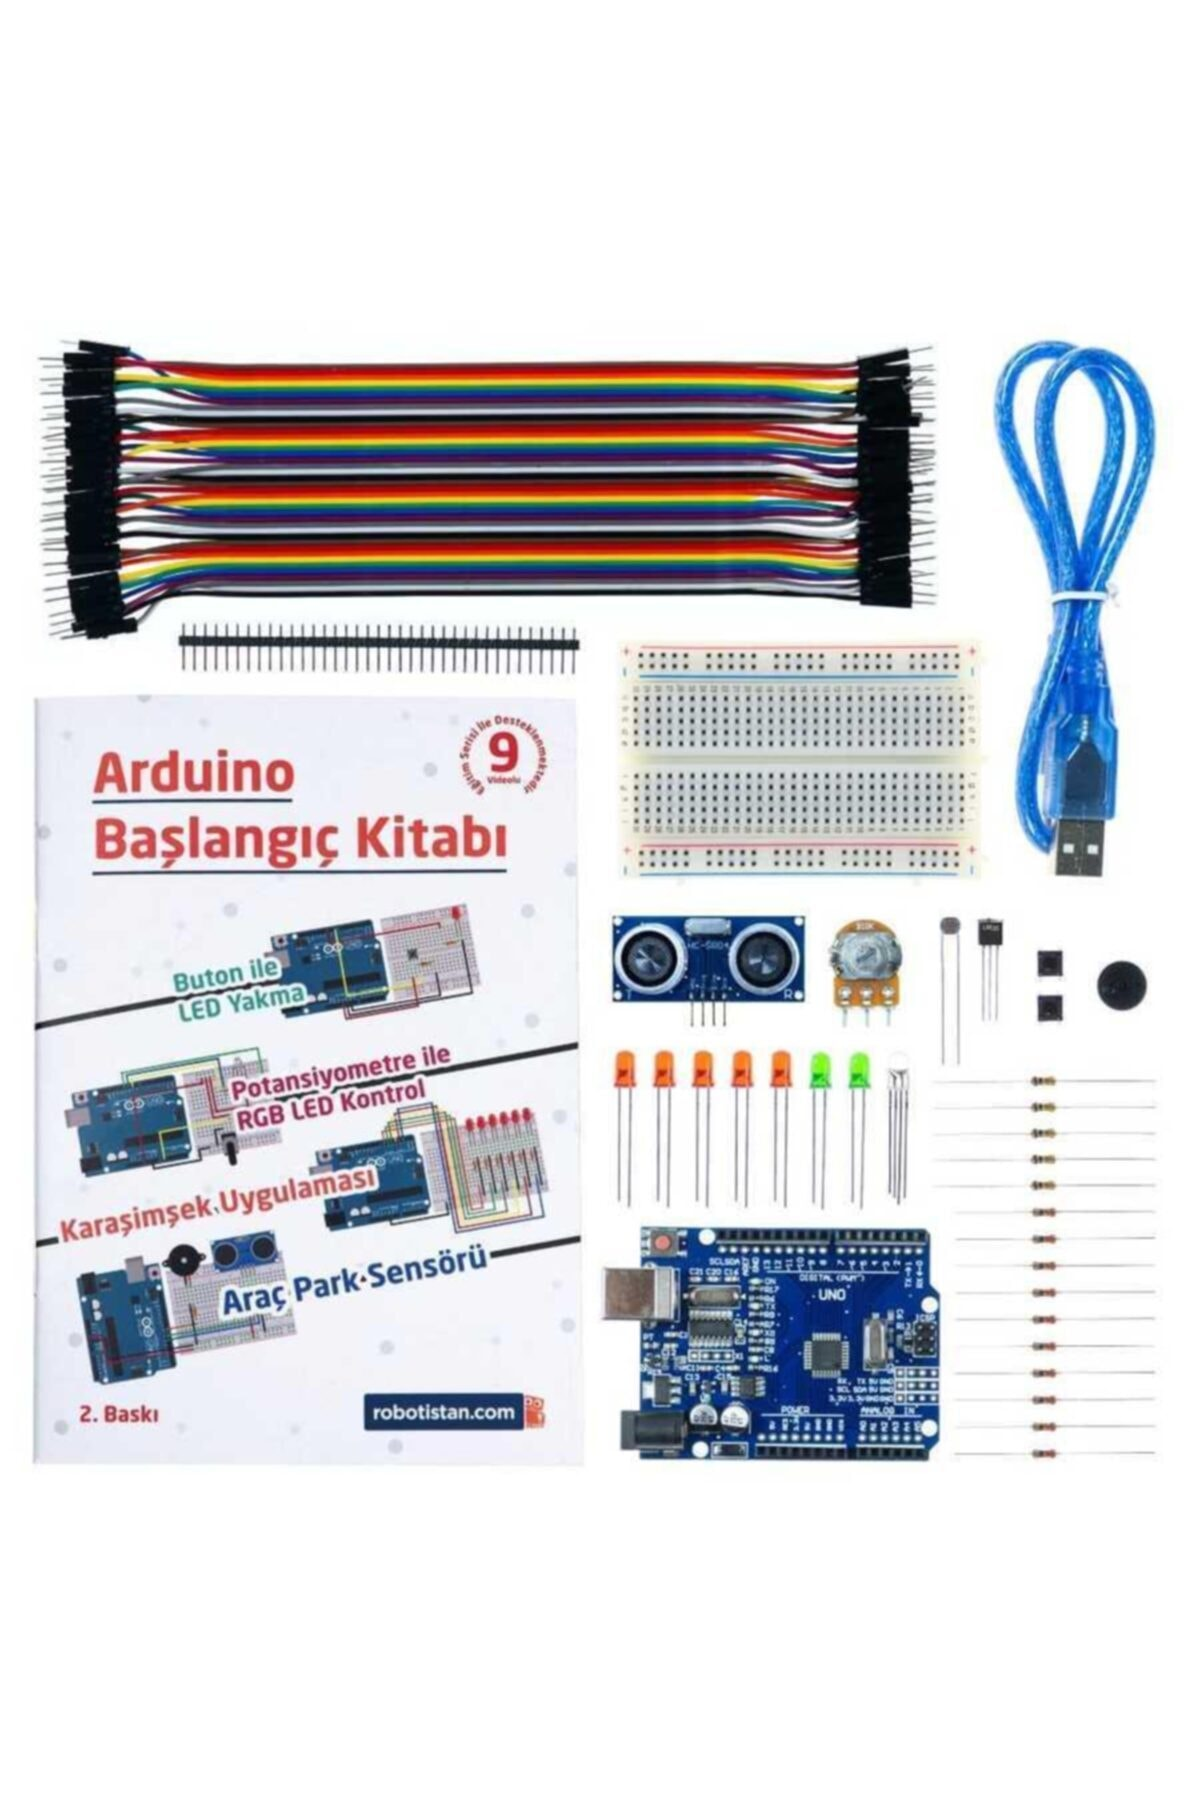 Robotistan Arduino Uno R3 Başlangıç Seti - Starter Kit (klon) Kitaplı Ve Videolu 2